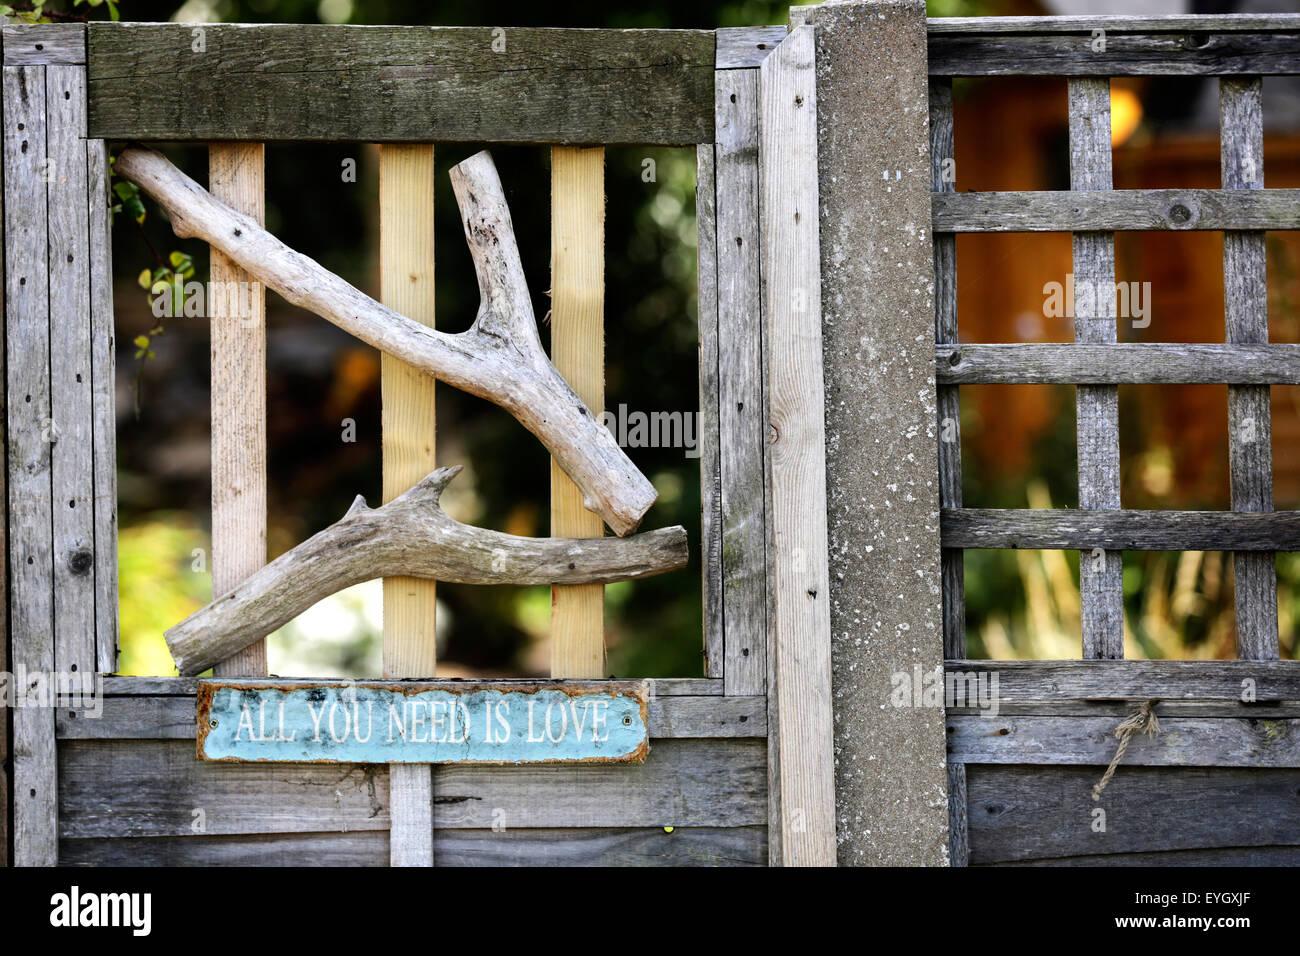 Ein alten Zeichen auf ein hölzernes Tor, das liest 'All you need is Love' Stockfoto